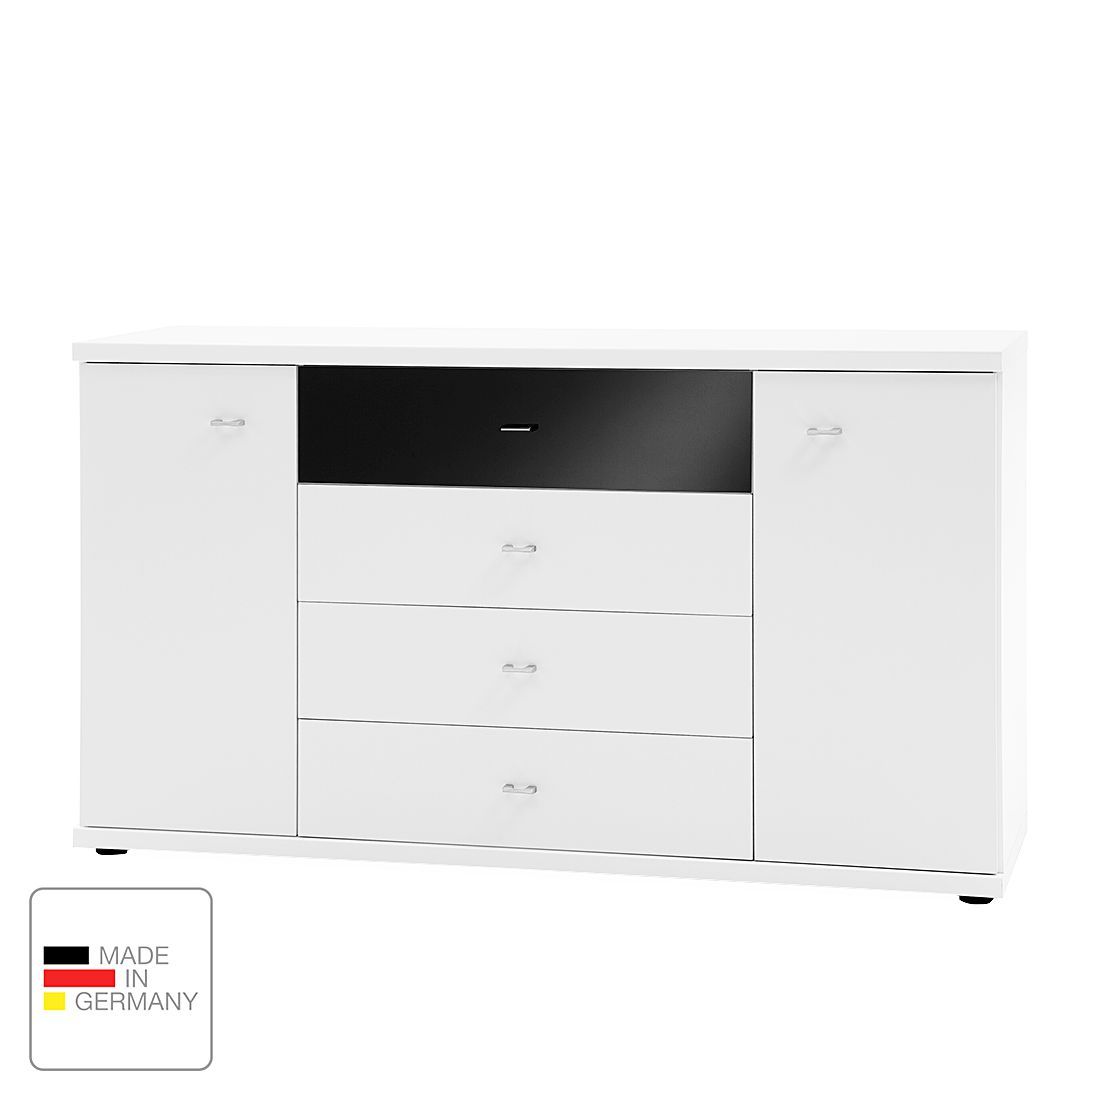 Commode Miro - Blanc alpin / Noir, Wiemann